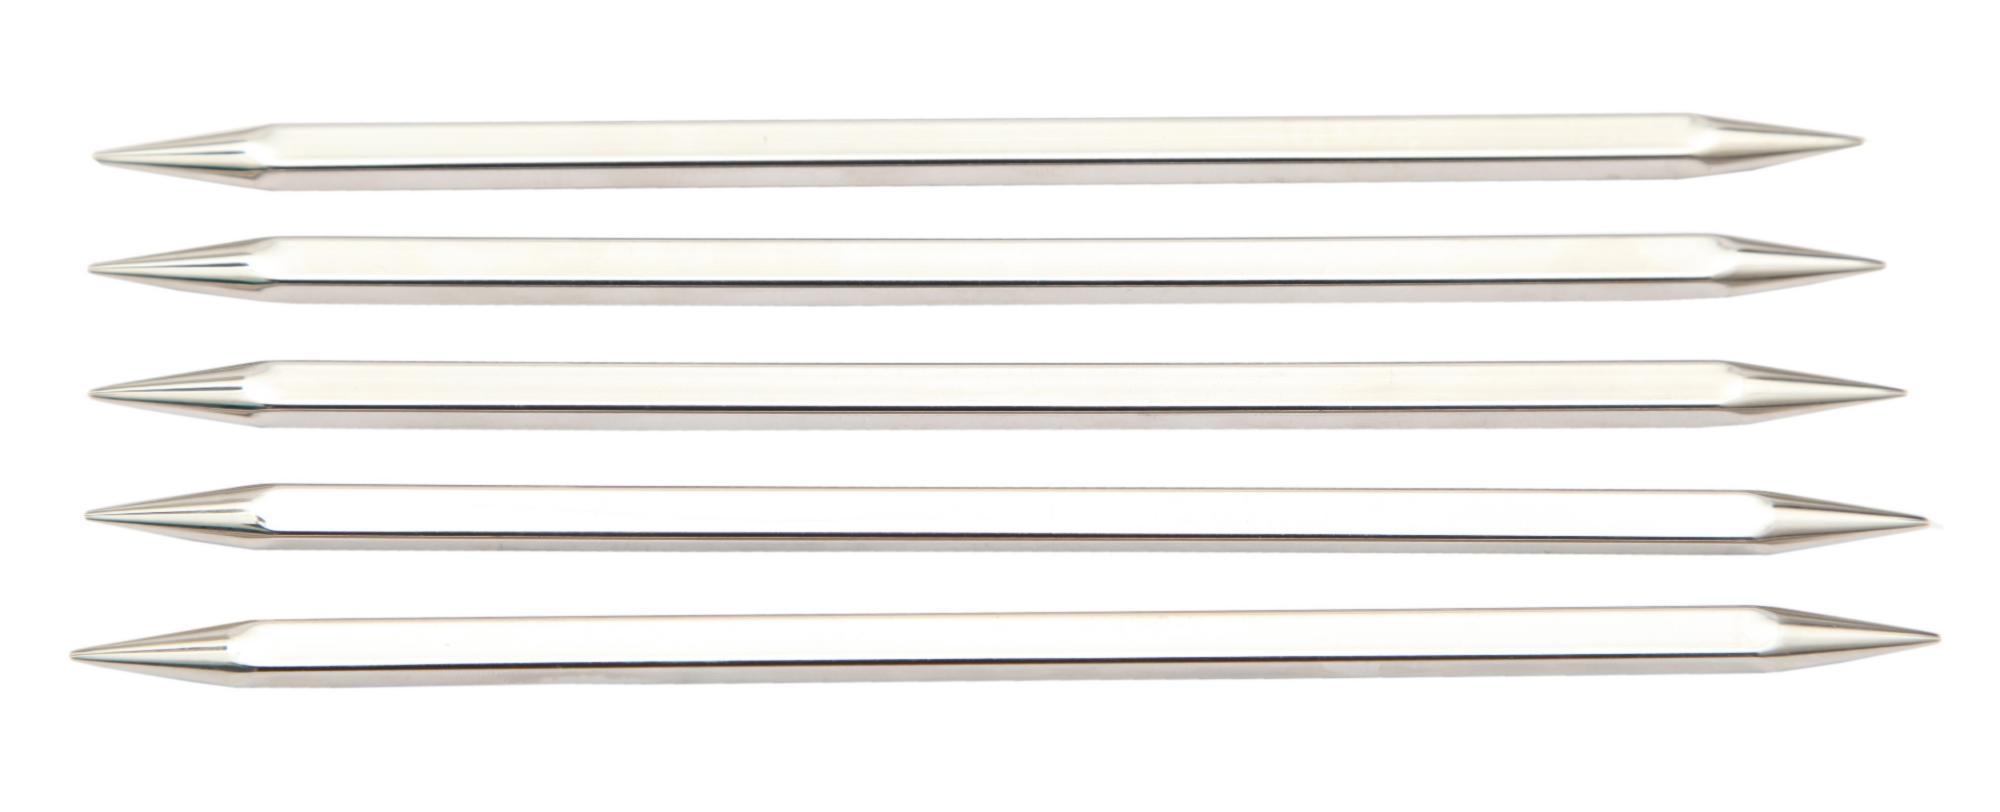 Спицы носочные 20 см Nova Cubics KnitPro, 12122, 2.25 мм